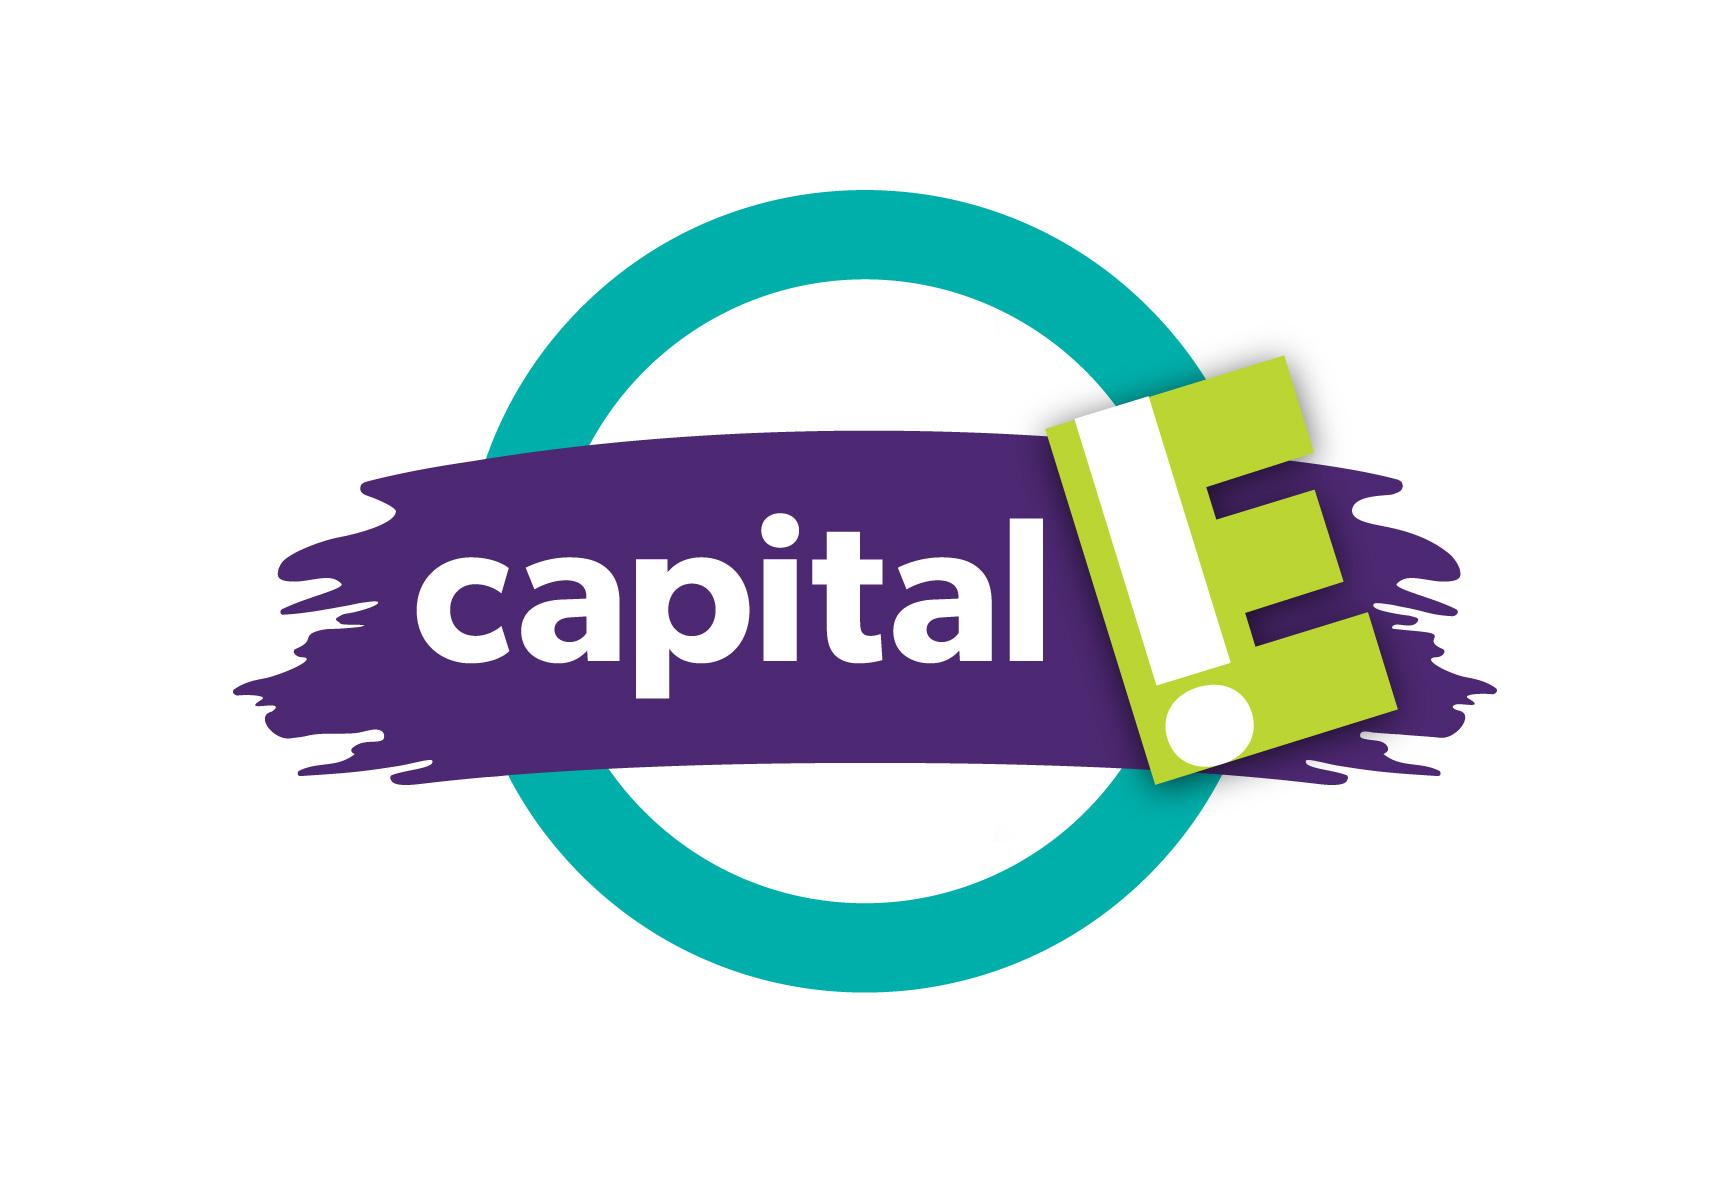 Capital E.